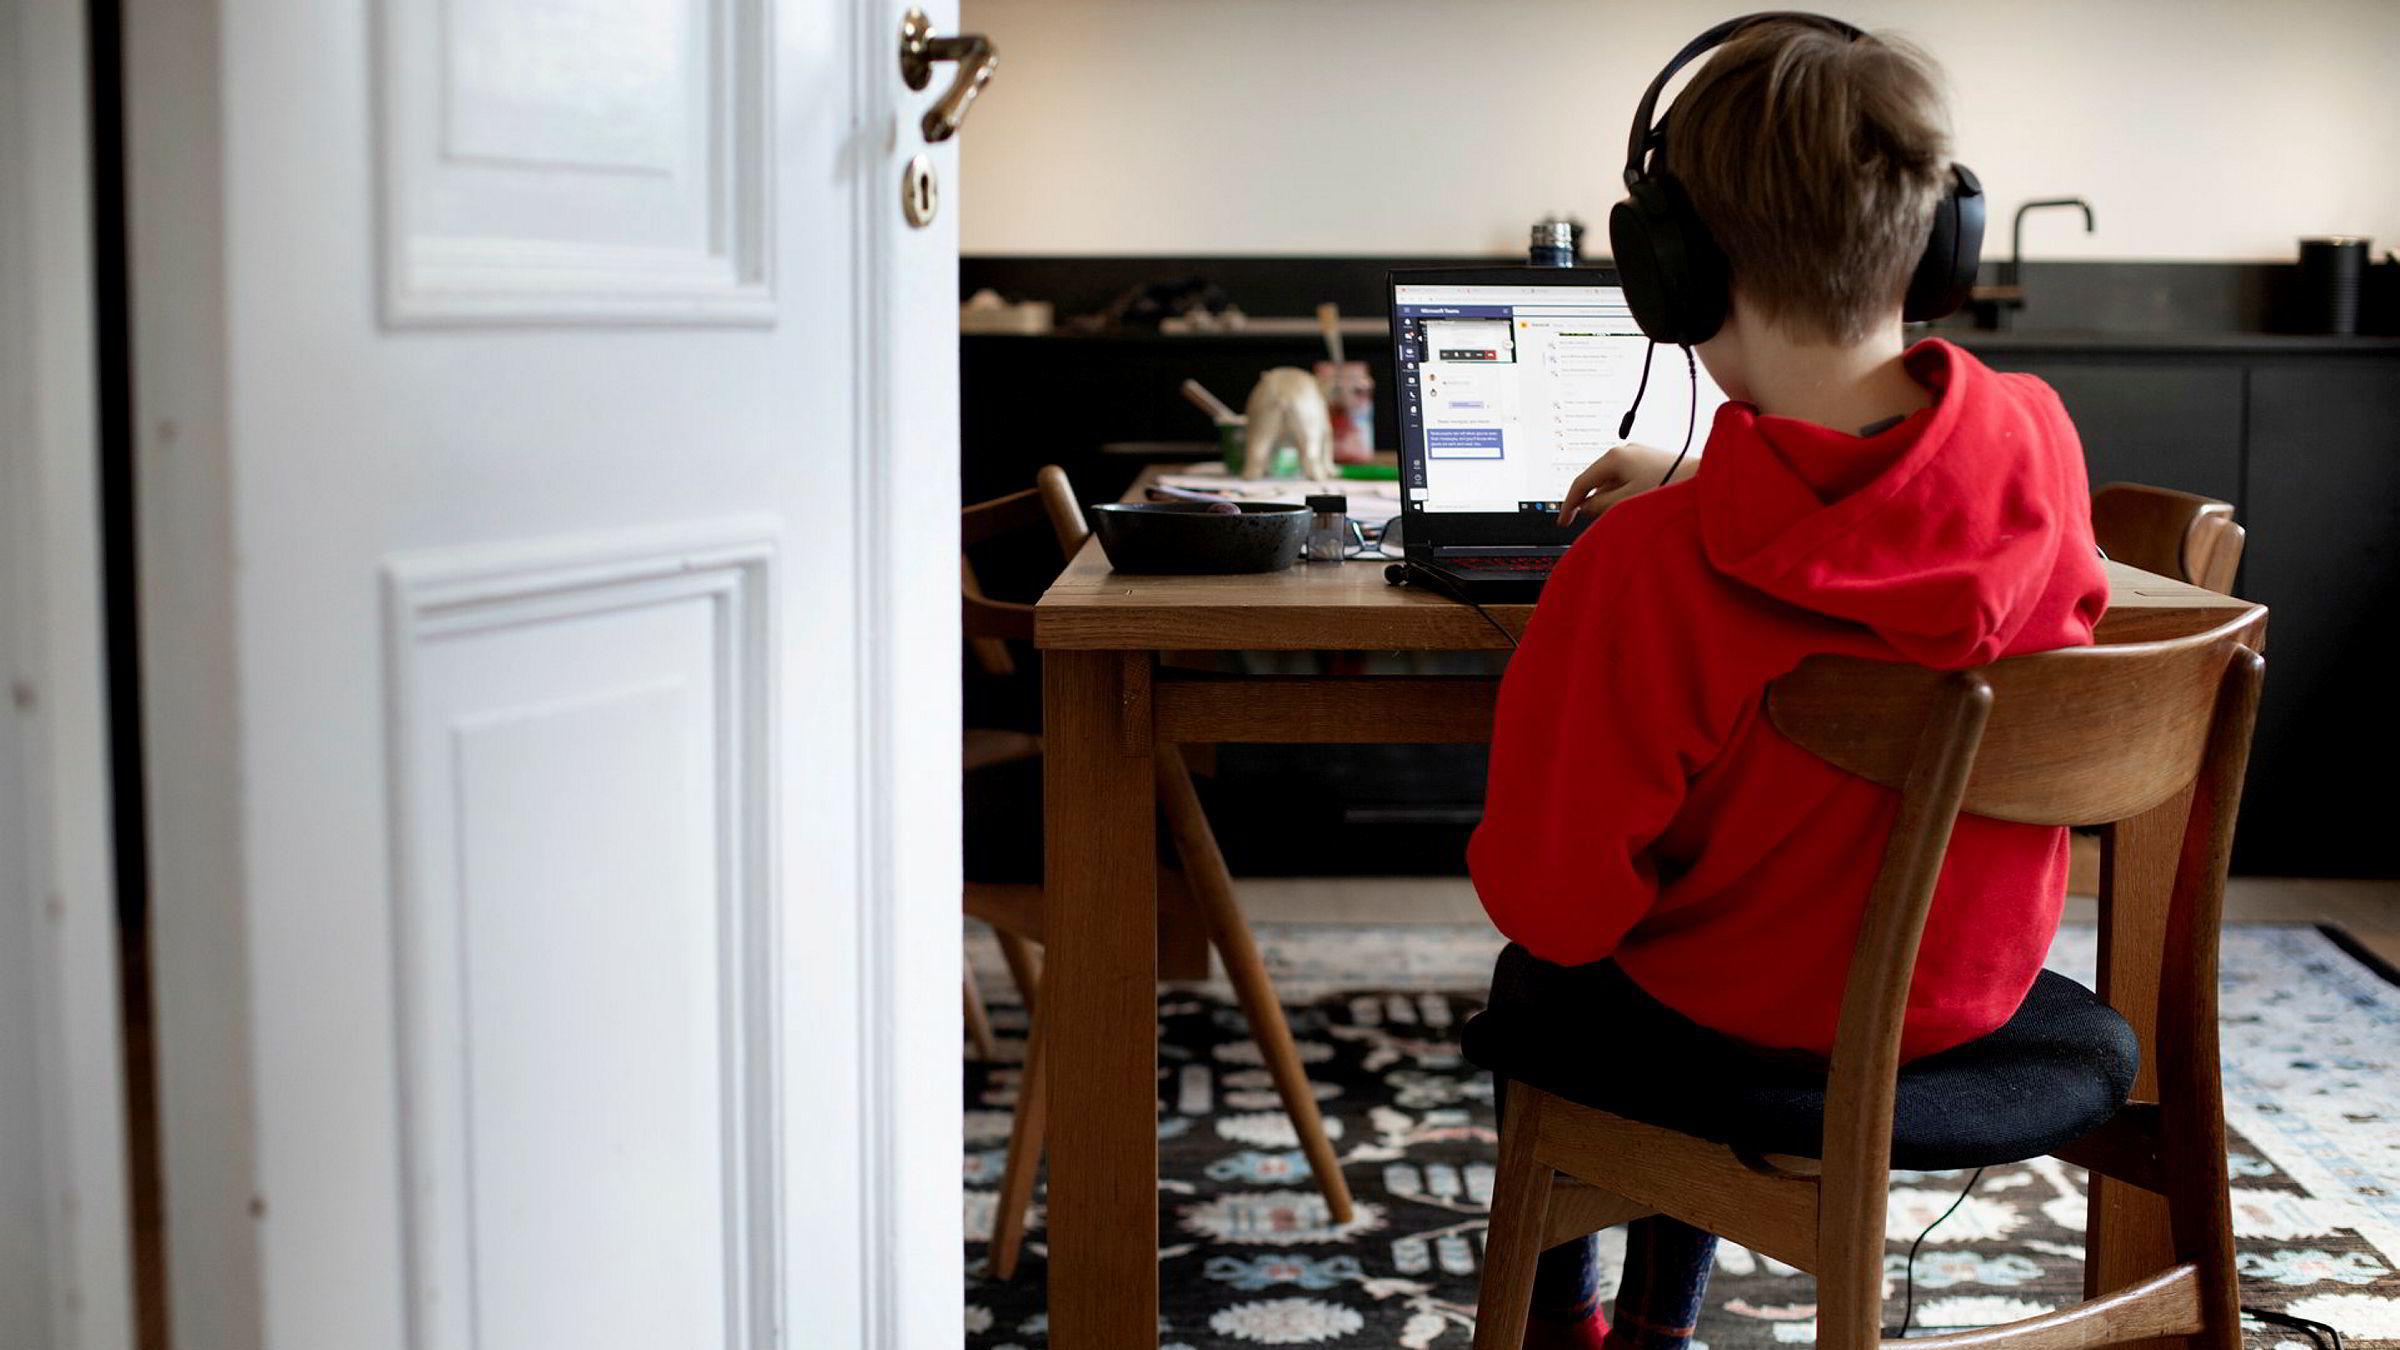 Etter at skoler og barnehager over hele landet ble stengt grunnet koronapandemien, har både elever mange foreldre måttet jobbe hjemmefra.